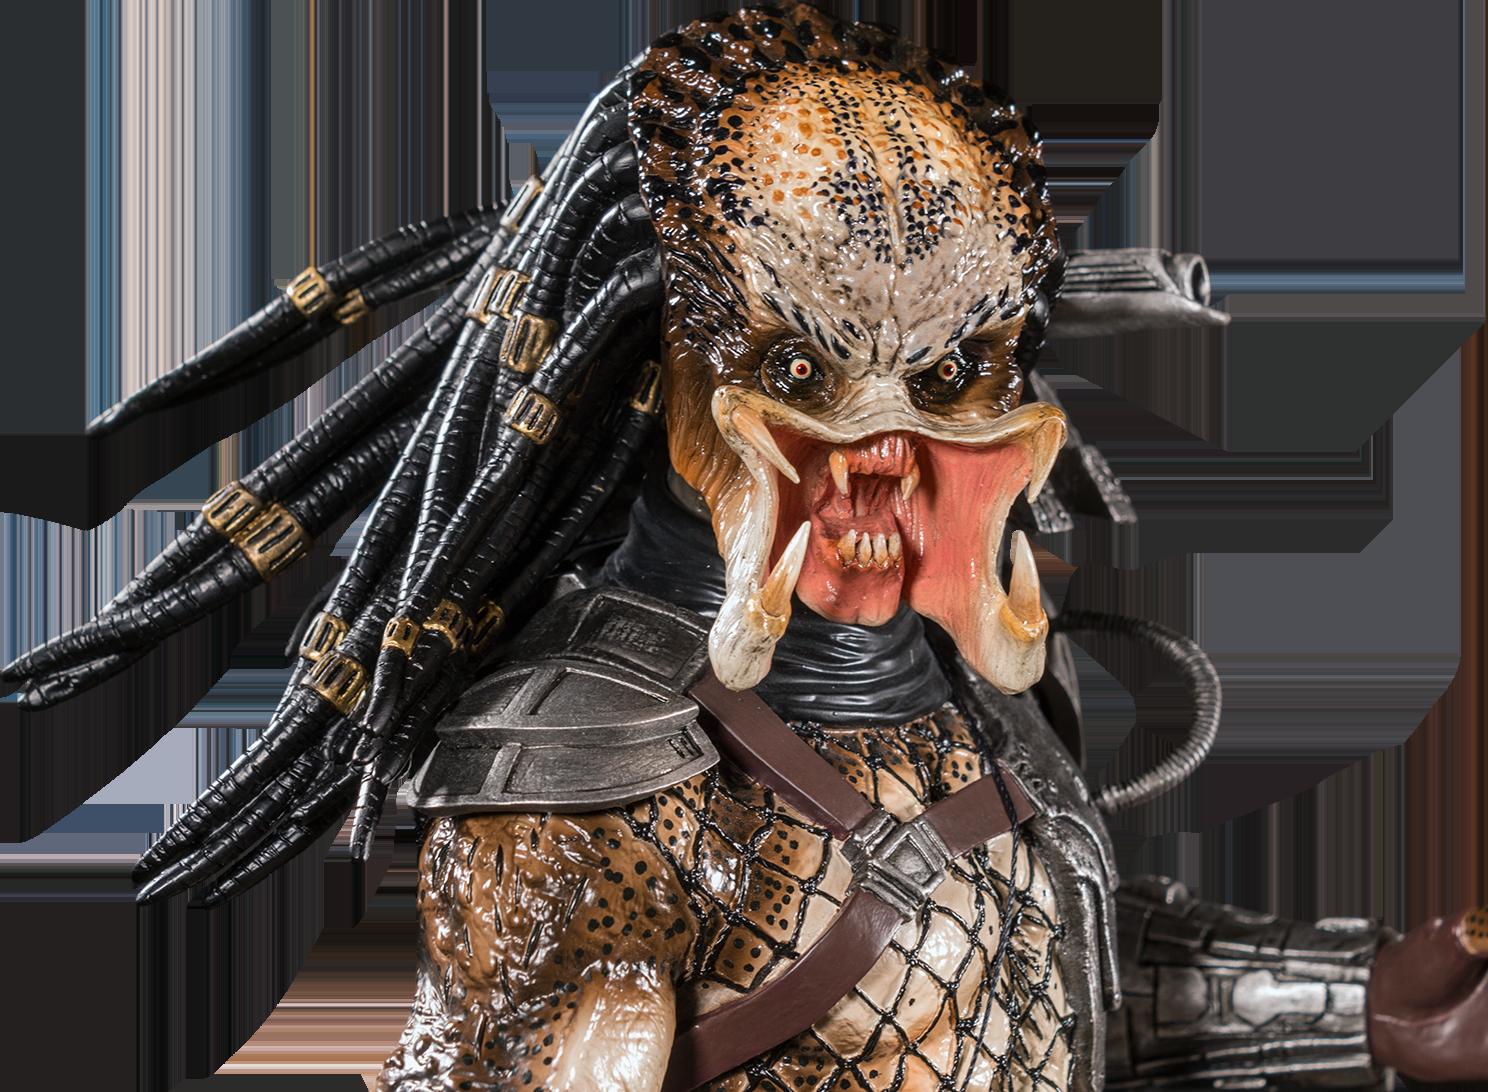 IKO0965-Predator-Statue-13.png